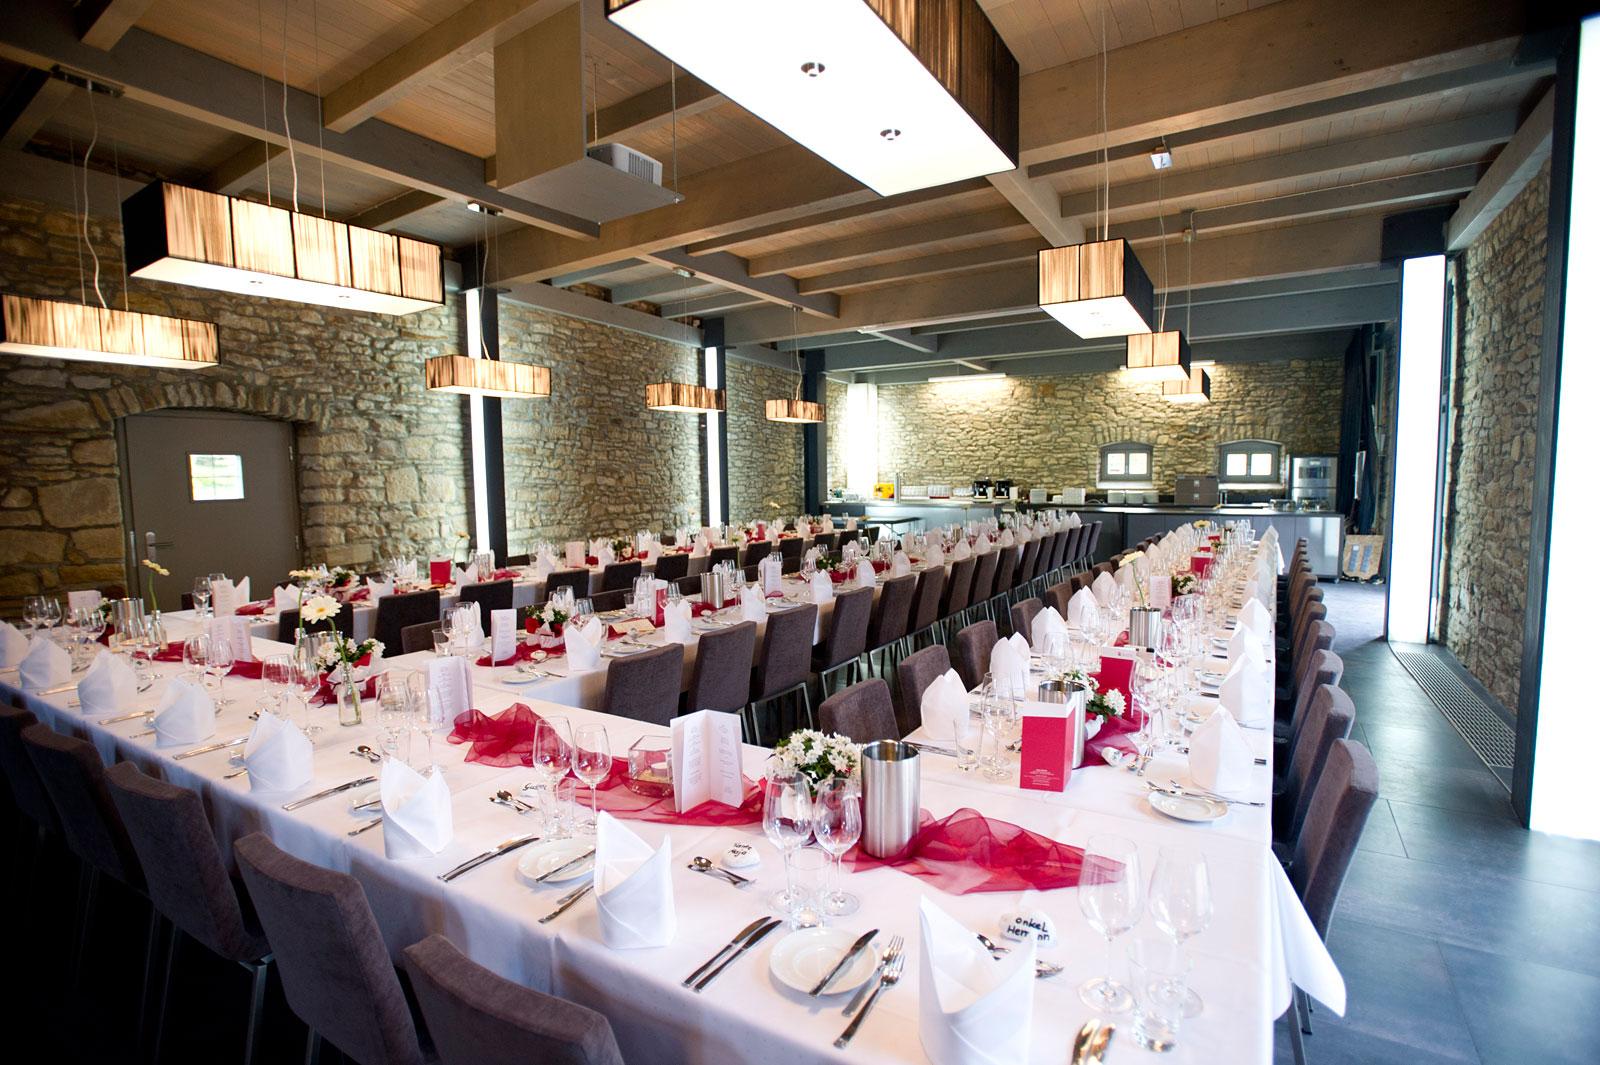 Hochzeiten  Events in Wrzburg  Hotel Freihof  Hotel